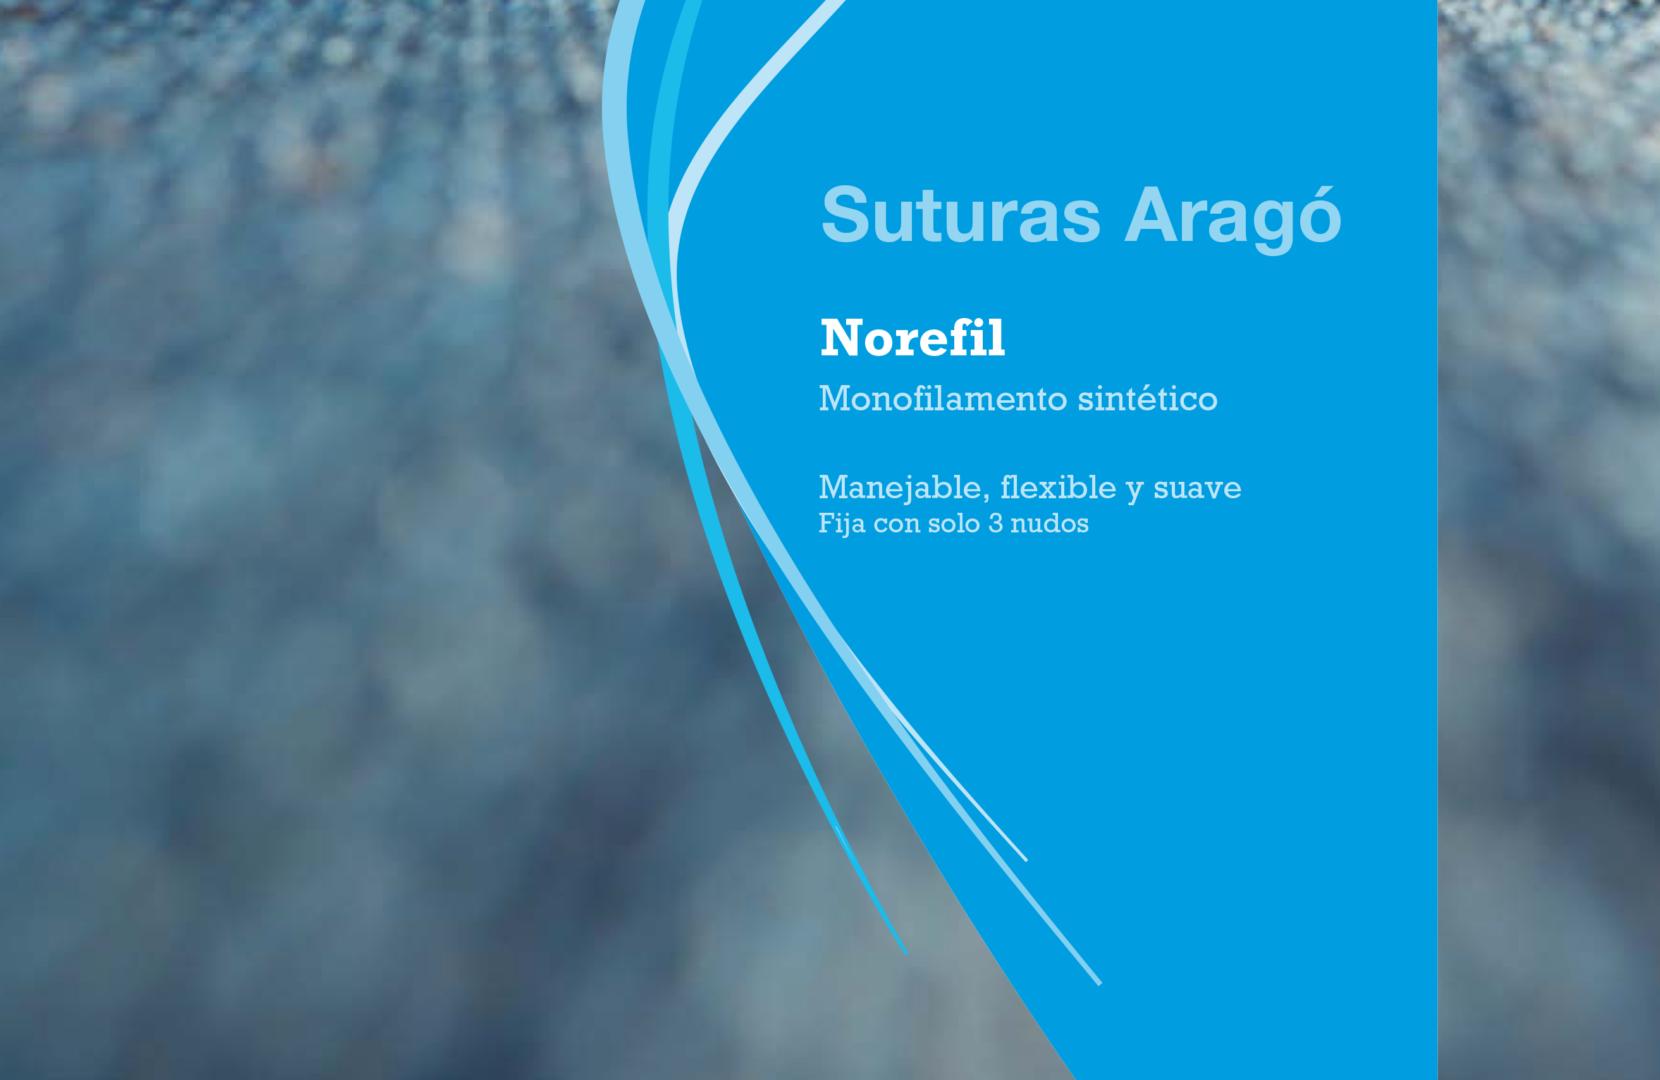 Norefil